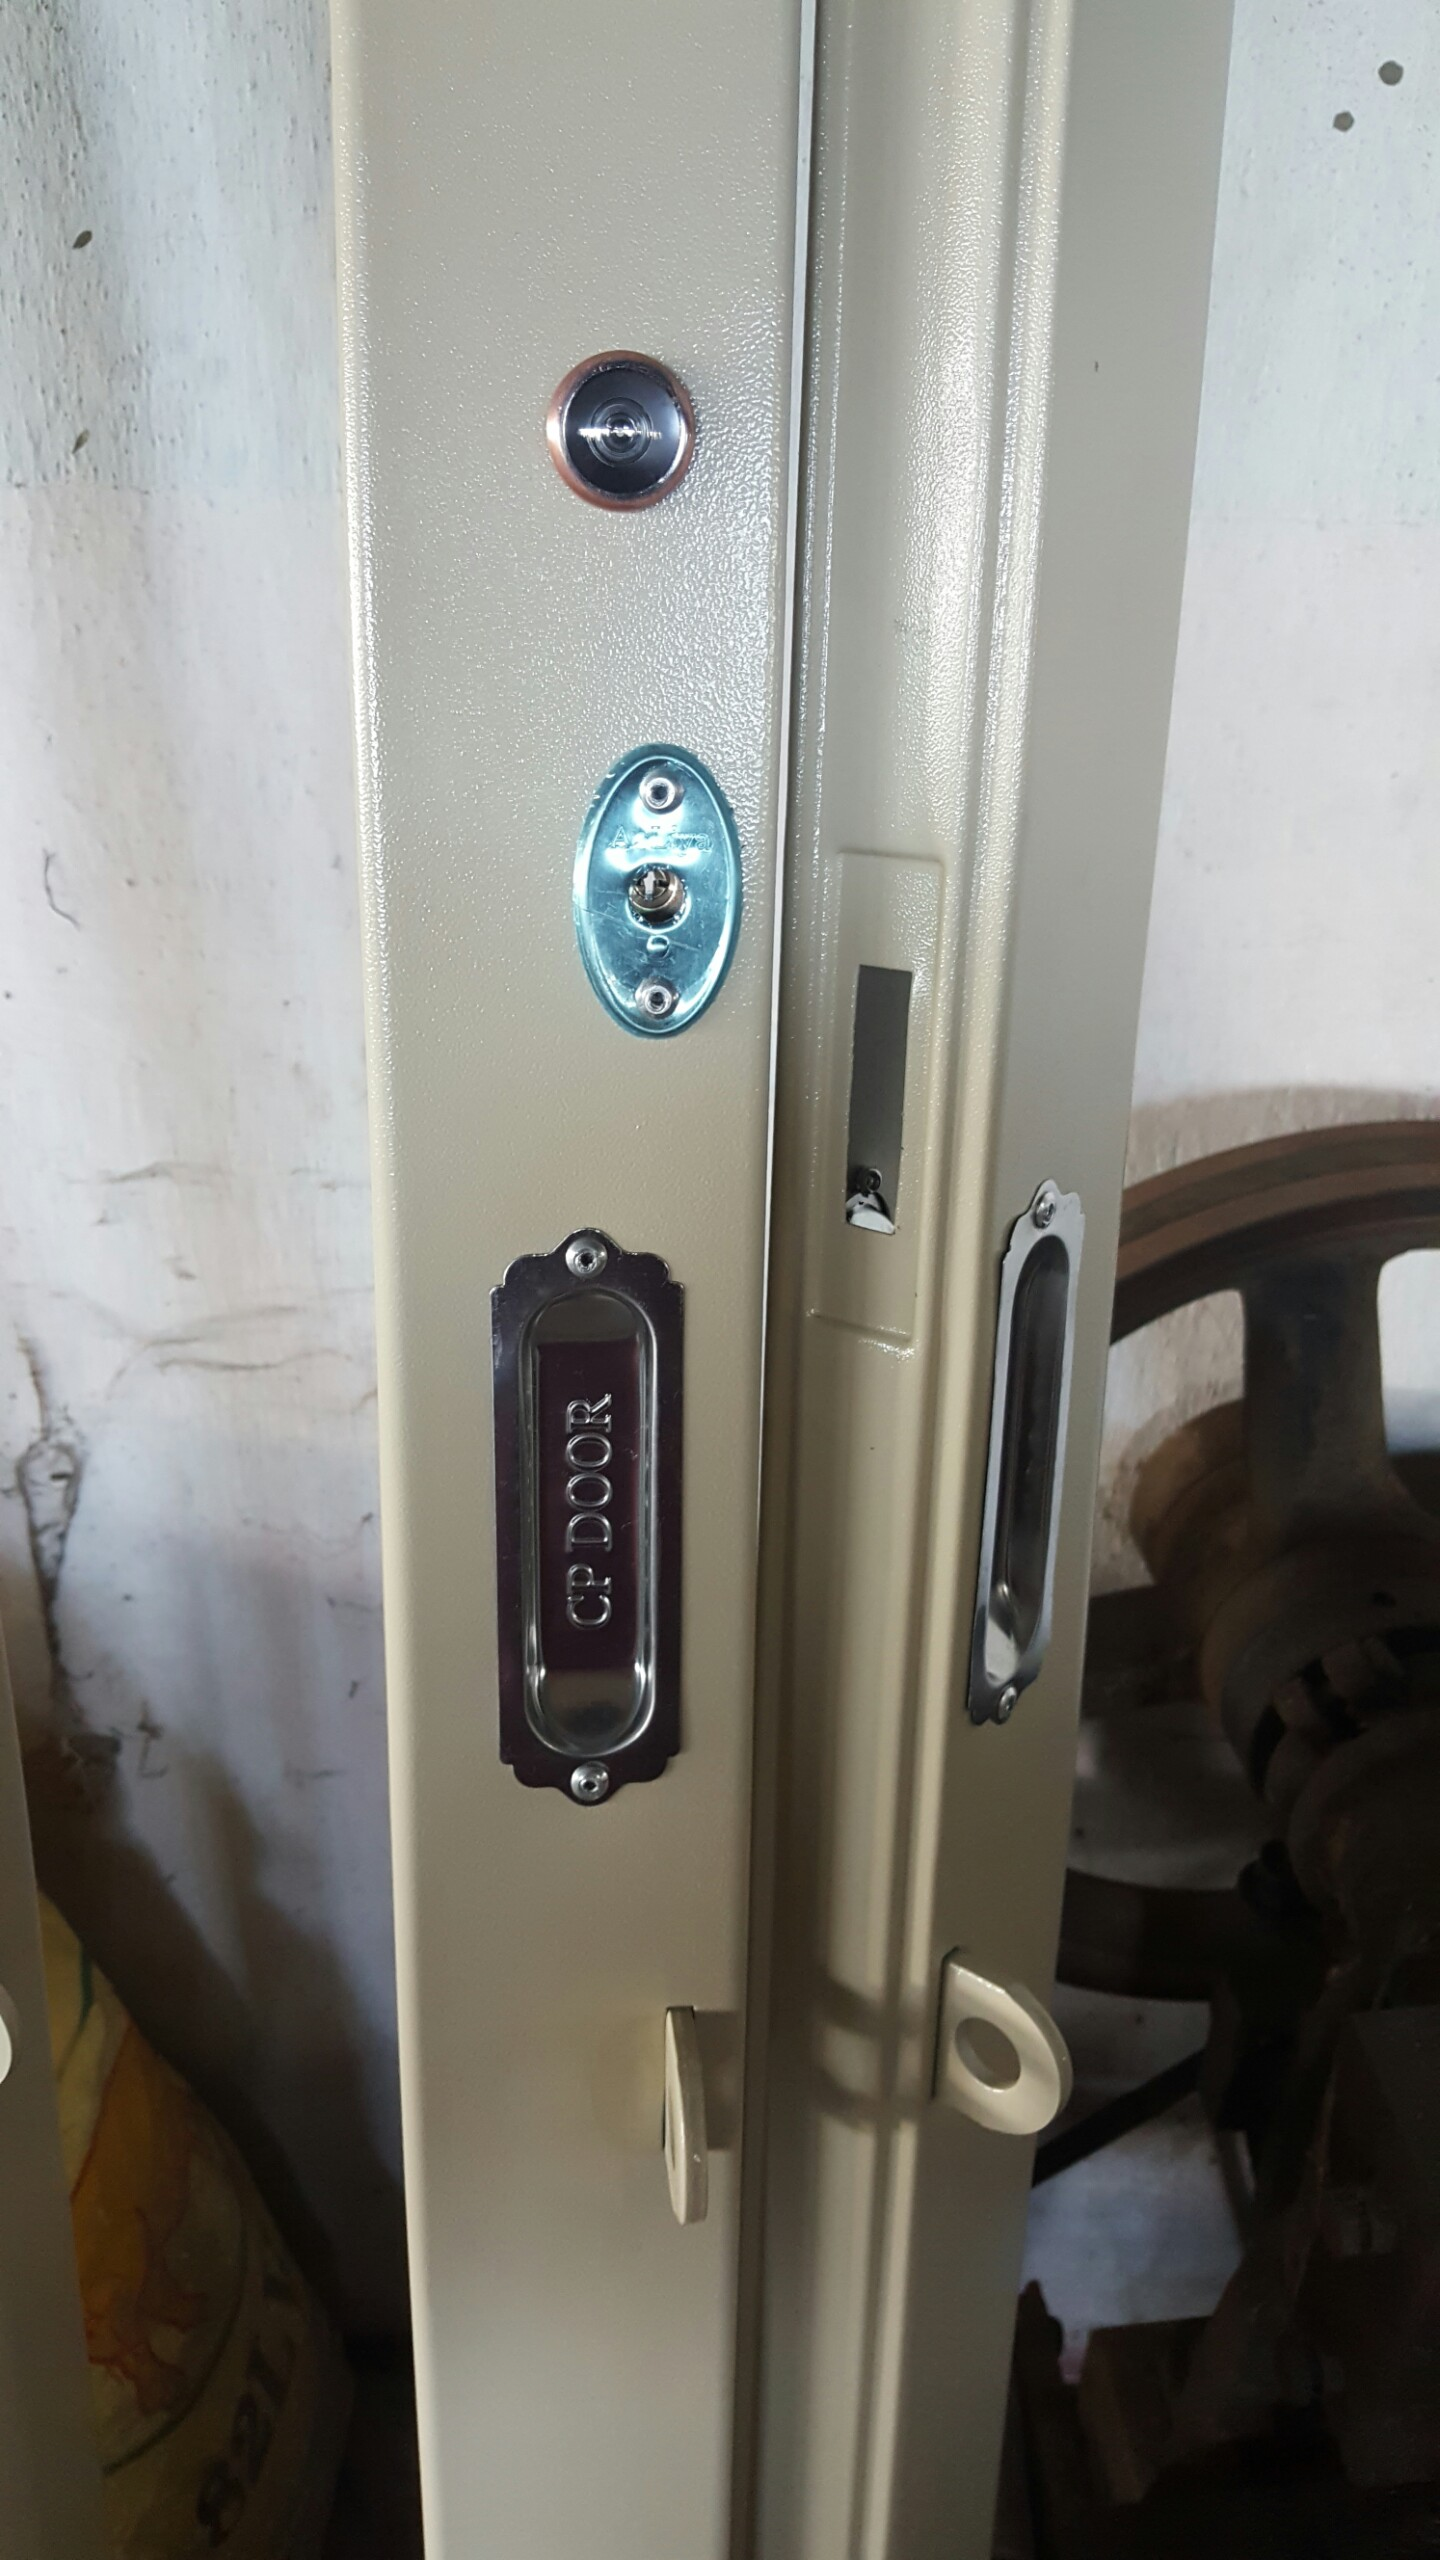 Tay hộp cửa kéo - tay hộp KHÔNG nẹp inox - tay hộp âm dương